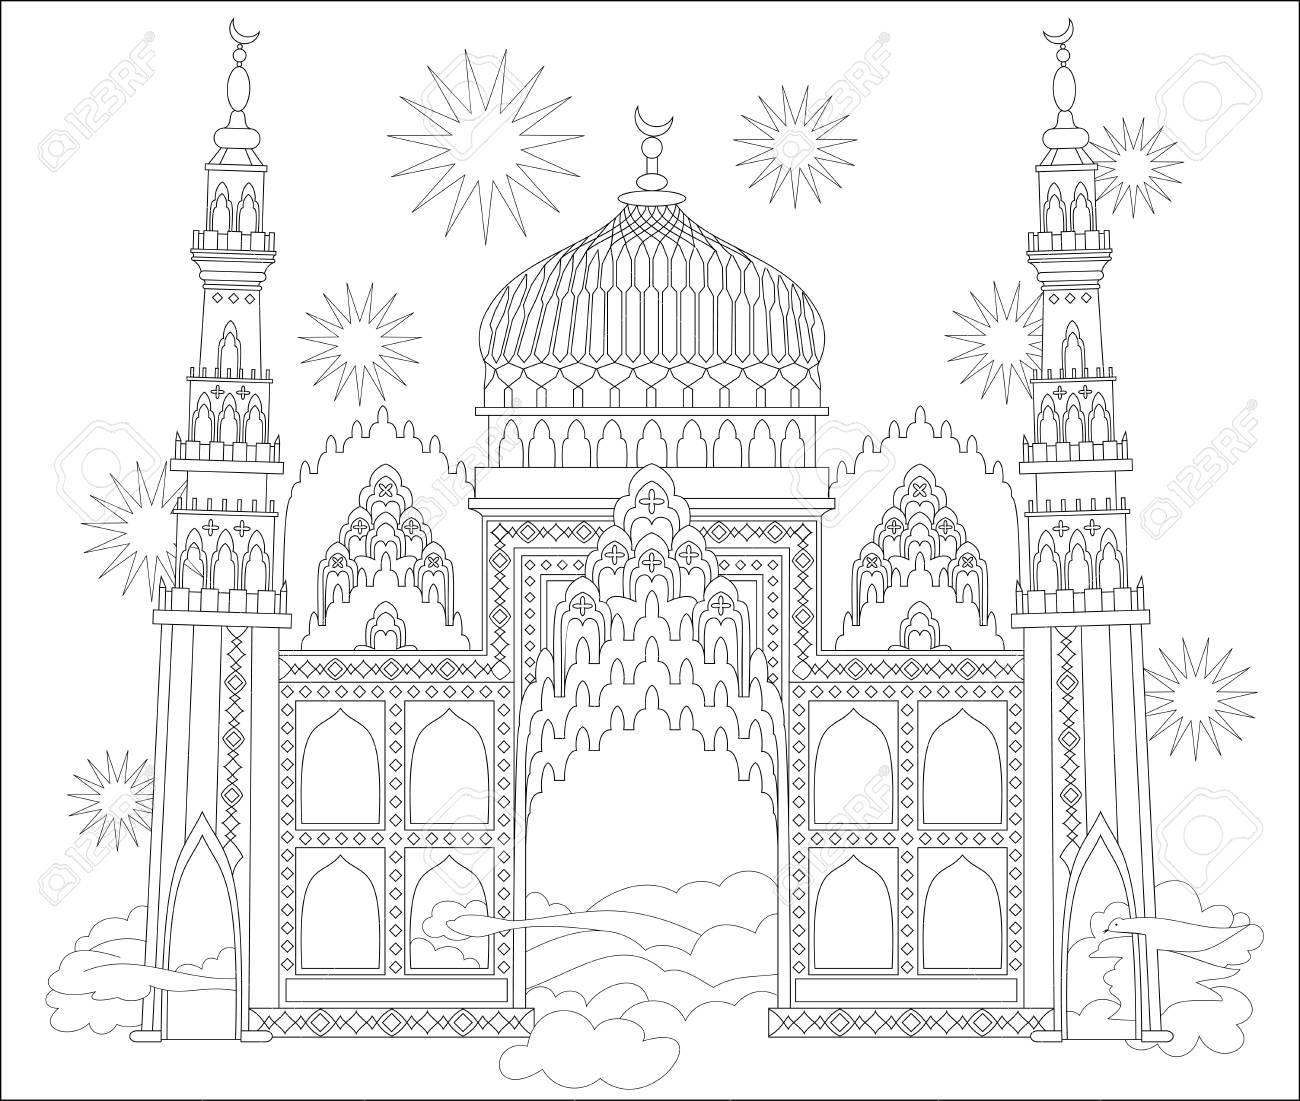 Schwarz-Weiß-Seite Zum Ausmalen. Fantastisches Arabisches Schloss ...